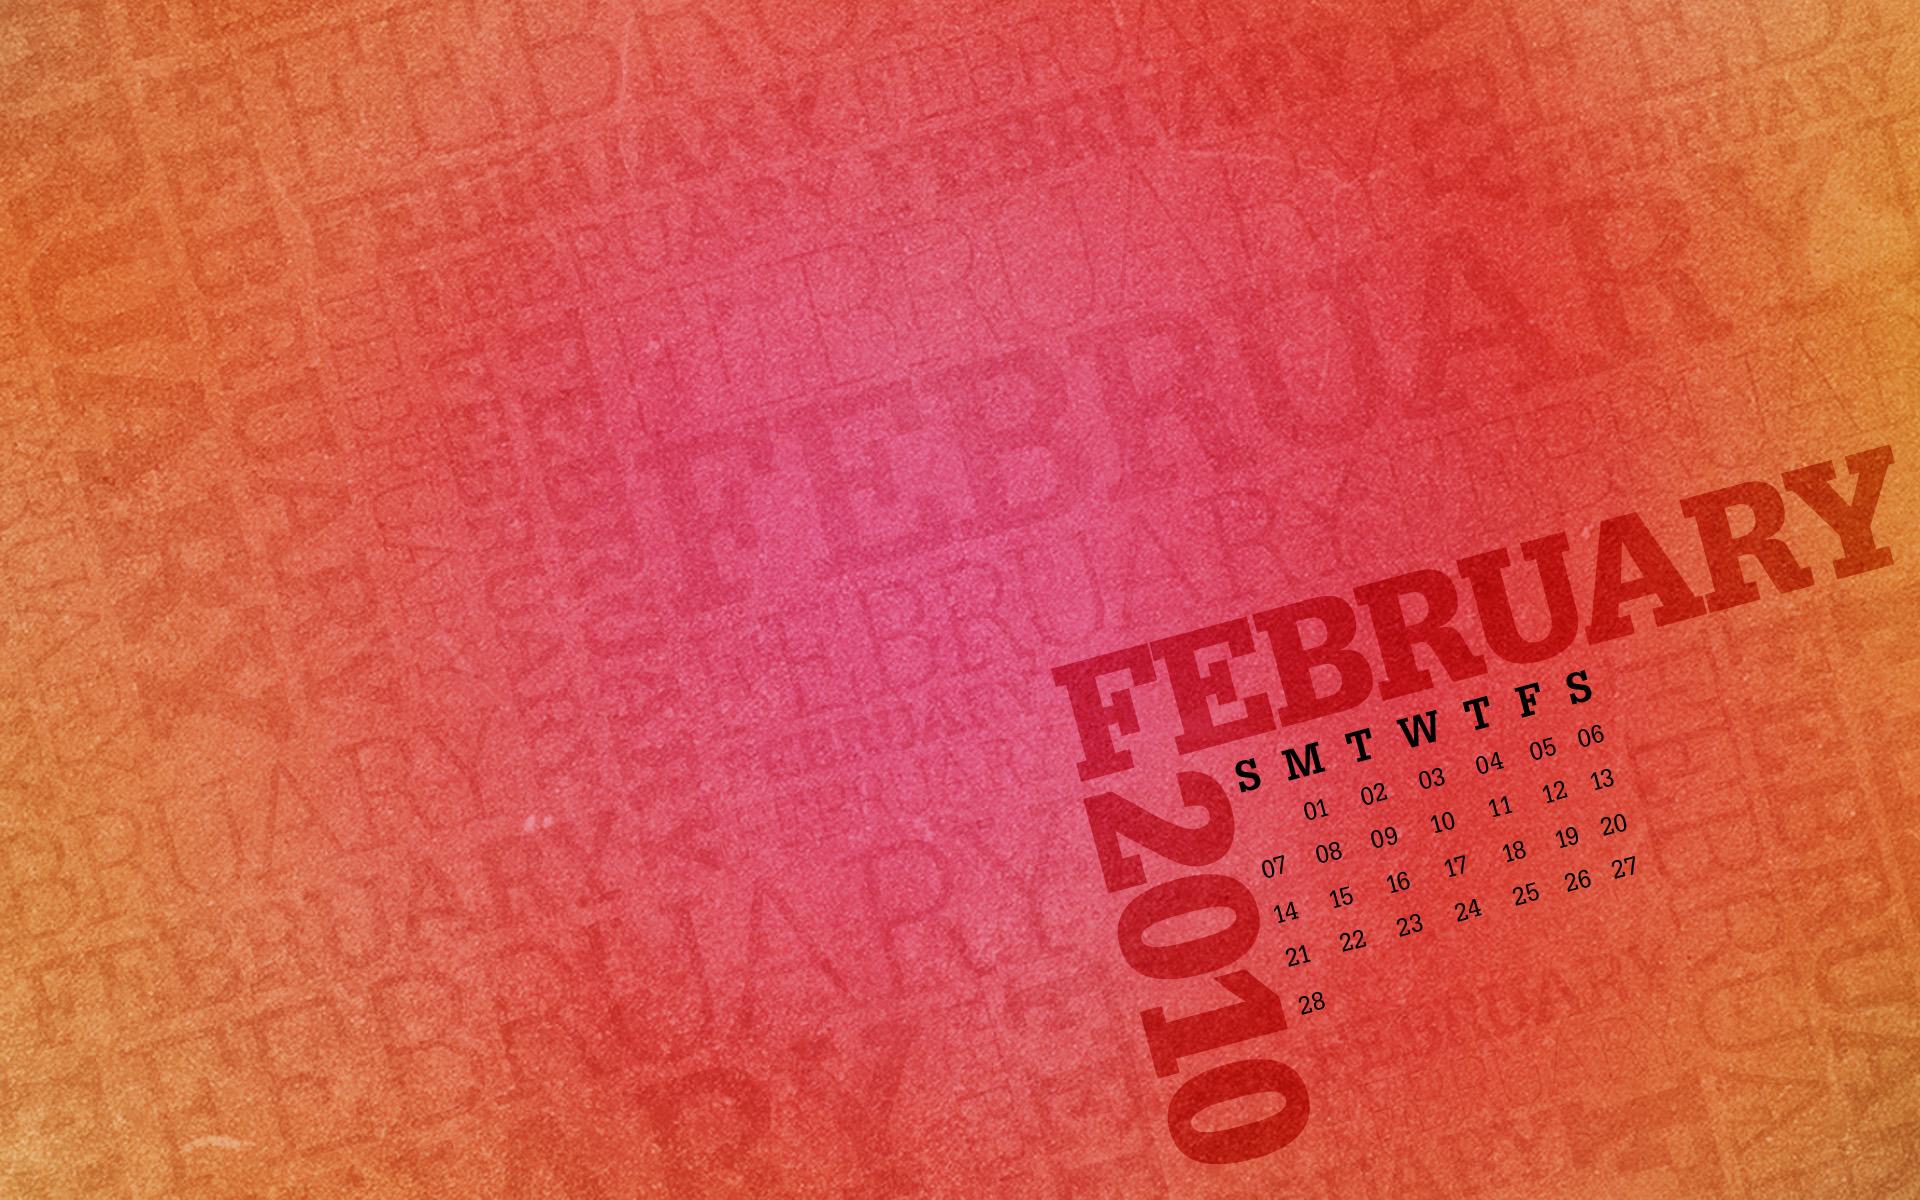 Desktop Wallpaper Calendar: February 2010